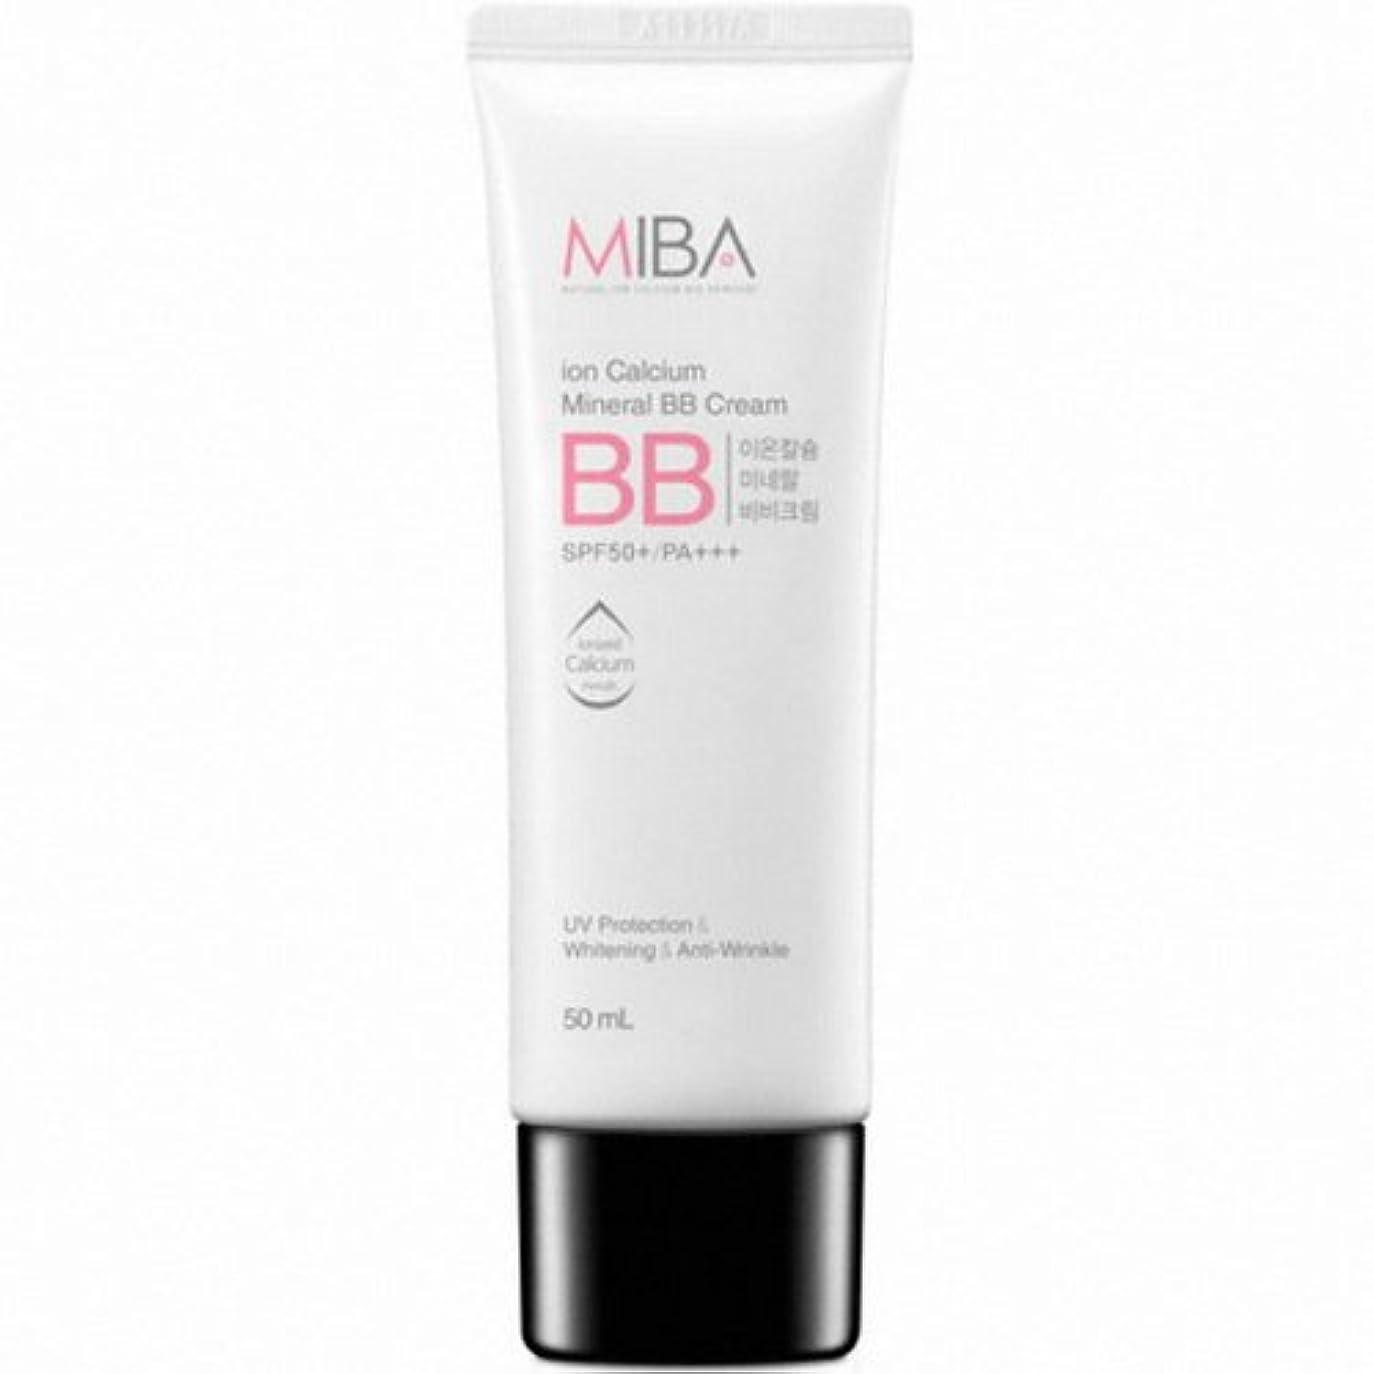 バナー混乱した破産MINERALBIO (ミネラルバイオ) ミバ イオン カルシウム ミネラル ビビクリーム / MIBA Ion Calcium Mineral BB Cream (50ml) [並行輸入品]